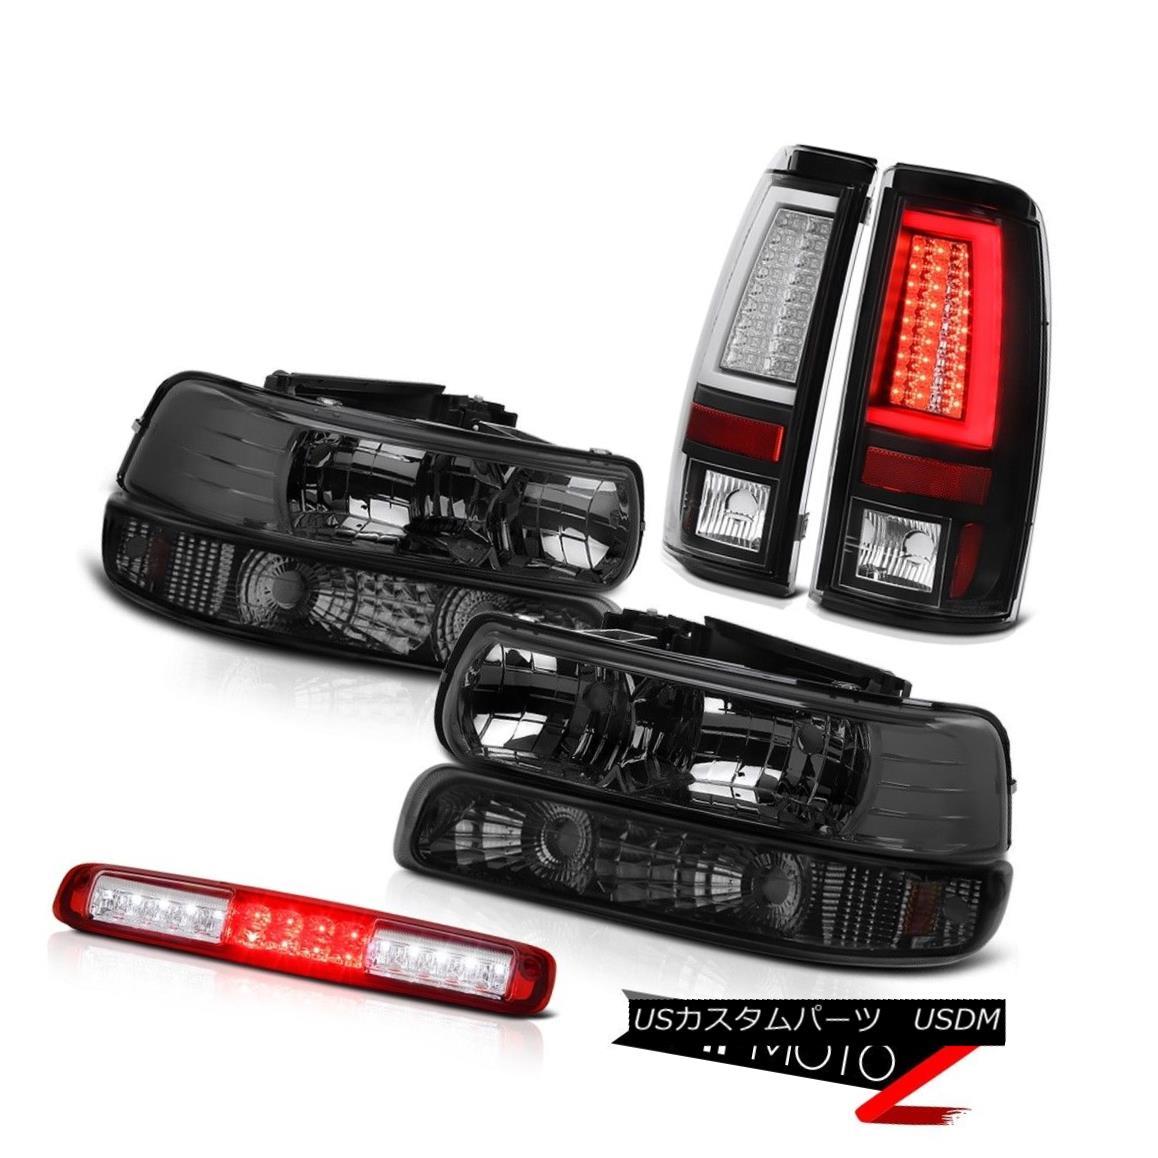 テールライト 99 00 01 02 Silverado WT Tail Brake Lights Parking Light Headlamps Roof Lamp LED 99 00 01 02 Silverado WTテールブレーキライトライトヘッドランプルーフランプLED